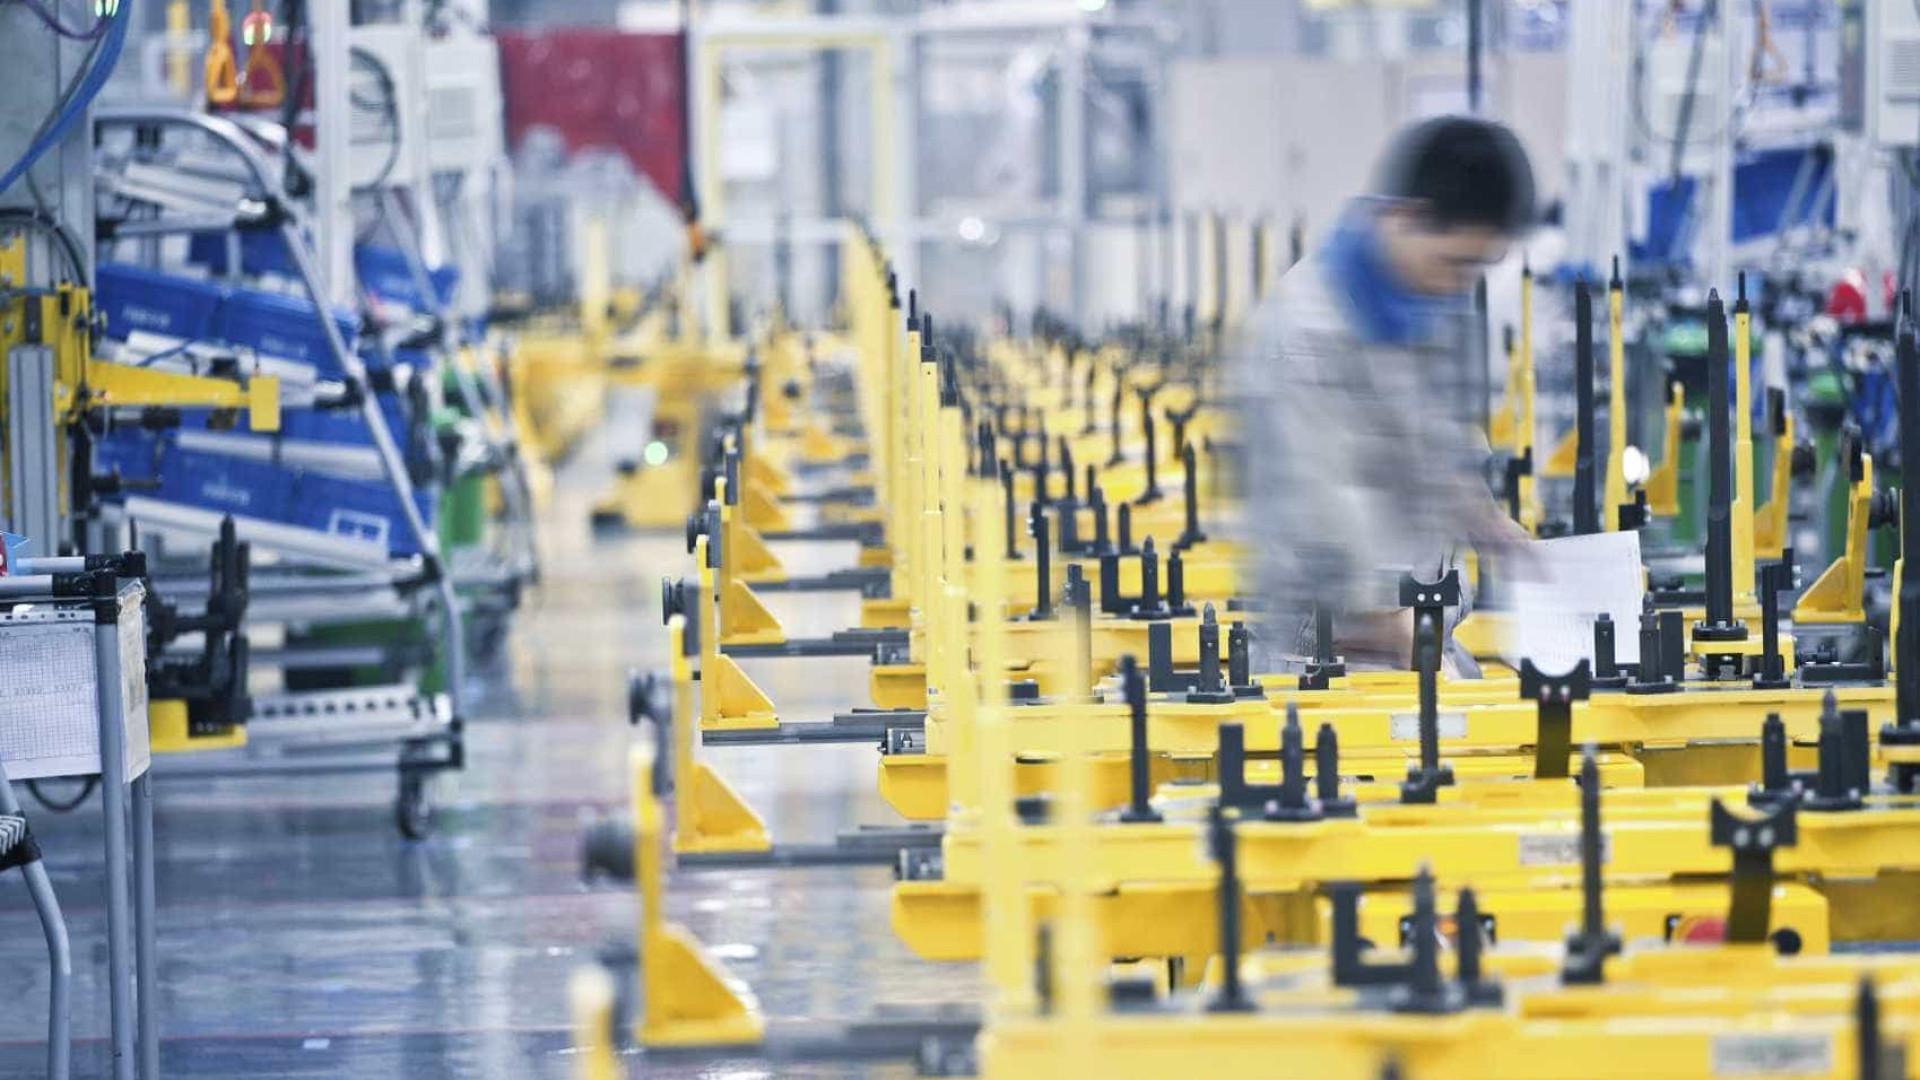 Produção industrial cresceu 3% na zona euro em 2017